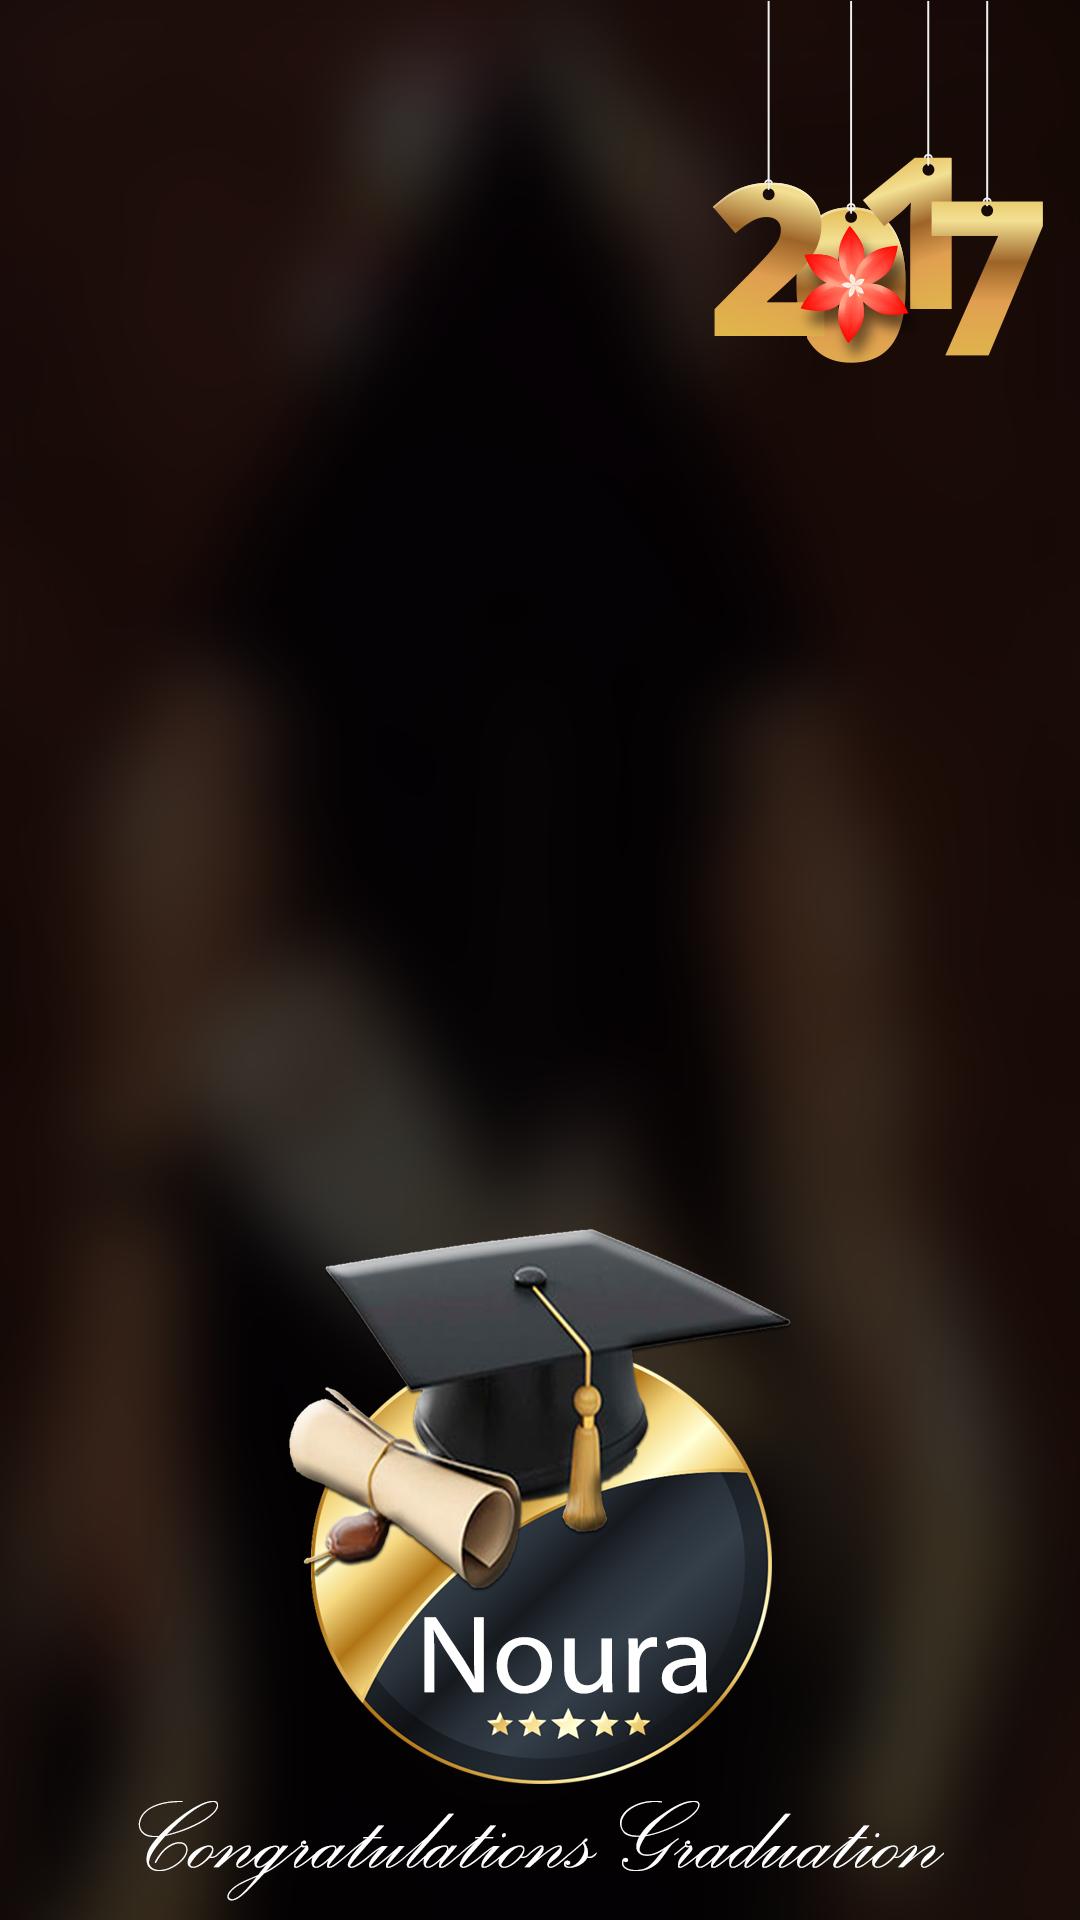 فلتر تخرج احترافي لعام 2018 لتصميم فلاتر سناب شات فلتر تخرج فلاتر فلتر خاص فلتر زواج فلتر Congratulations Graduate Star Vs The Forces Of Evil Graduation